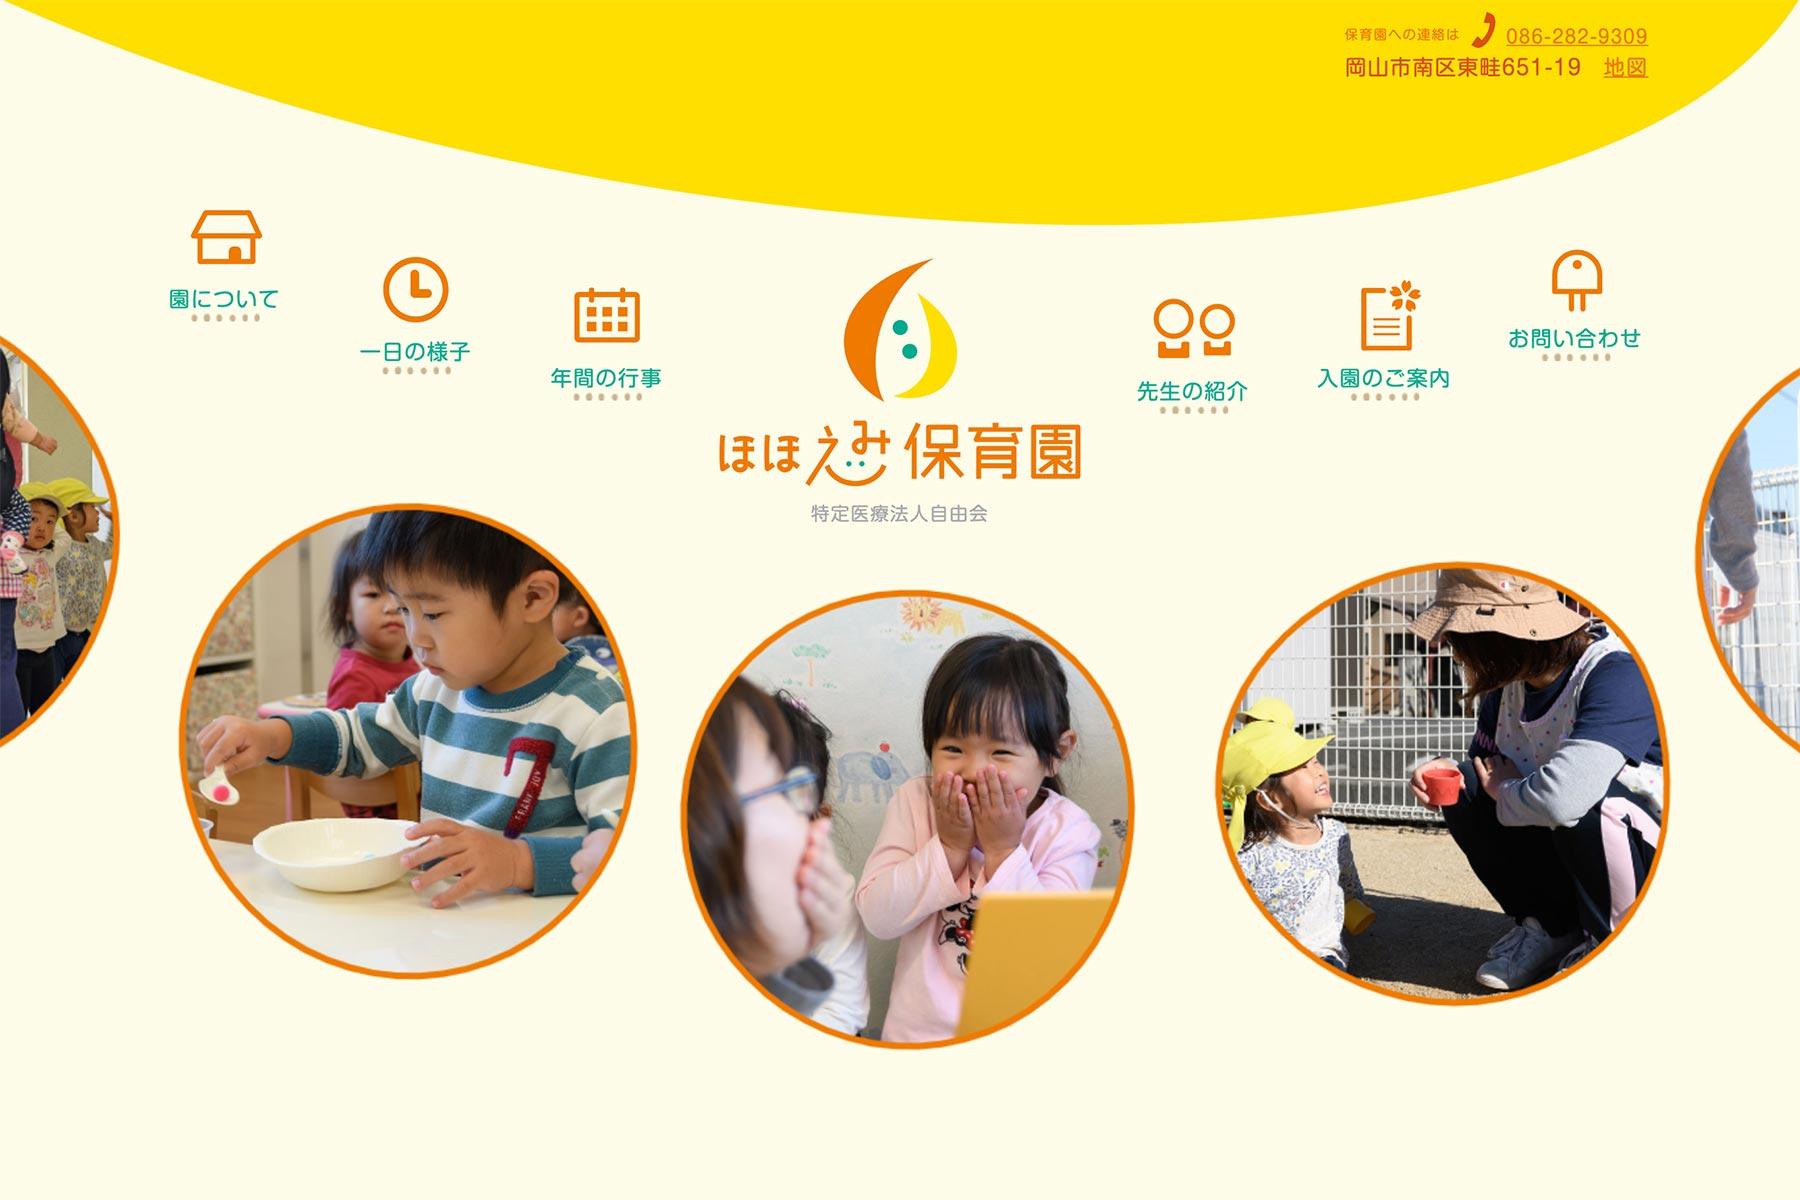 ほほえみ保育園 Webデザイン PC